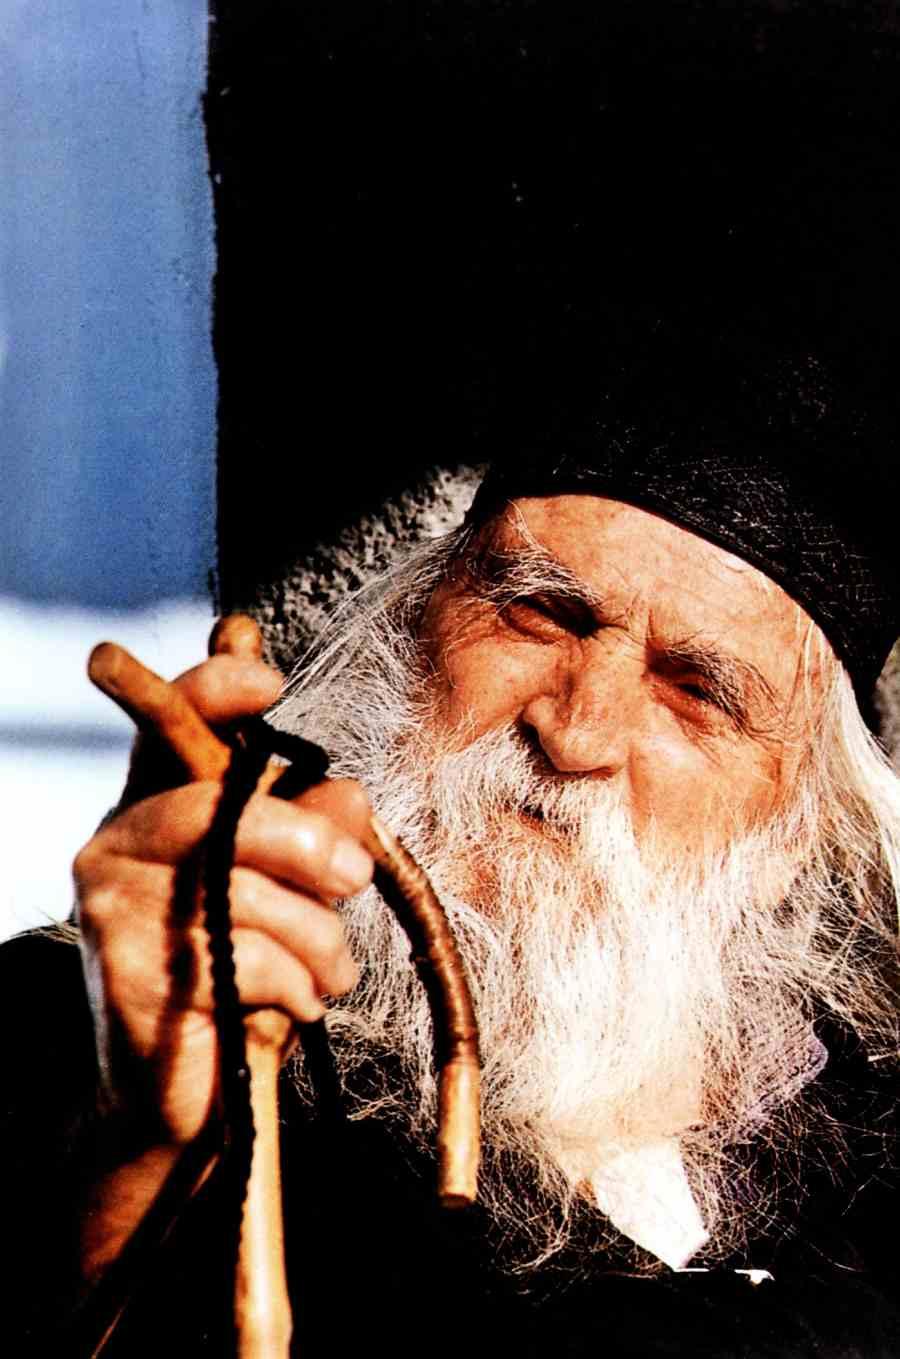 Ο Γέροντας Αβράμιος στη δύση του βίου του (φωτ. μοναχού Χαρίτωνος Καρουλιώτου). Πηγή φώτο: Μοναχού Χαρίτωνος – Monk Chariton, Ματιές στον Άθω – Images of Athos, Έκδοσις Γ΄, 2007